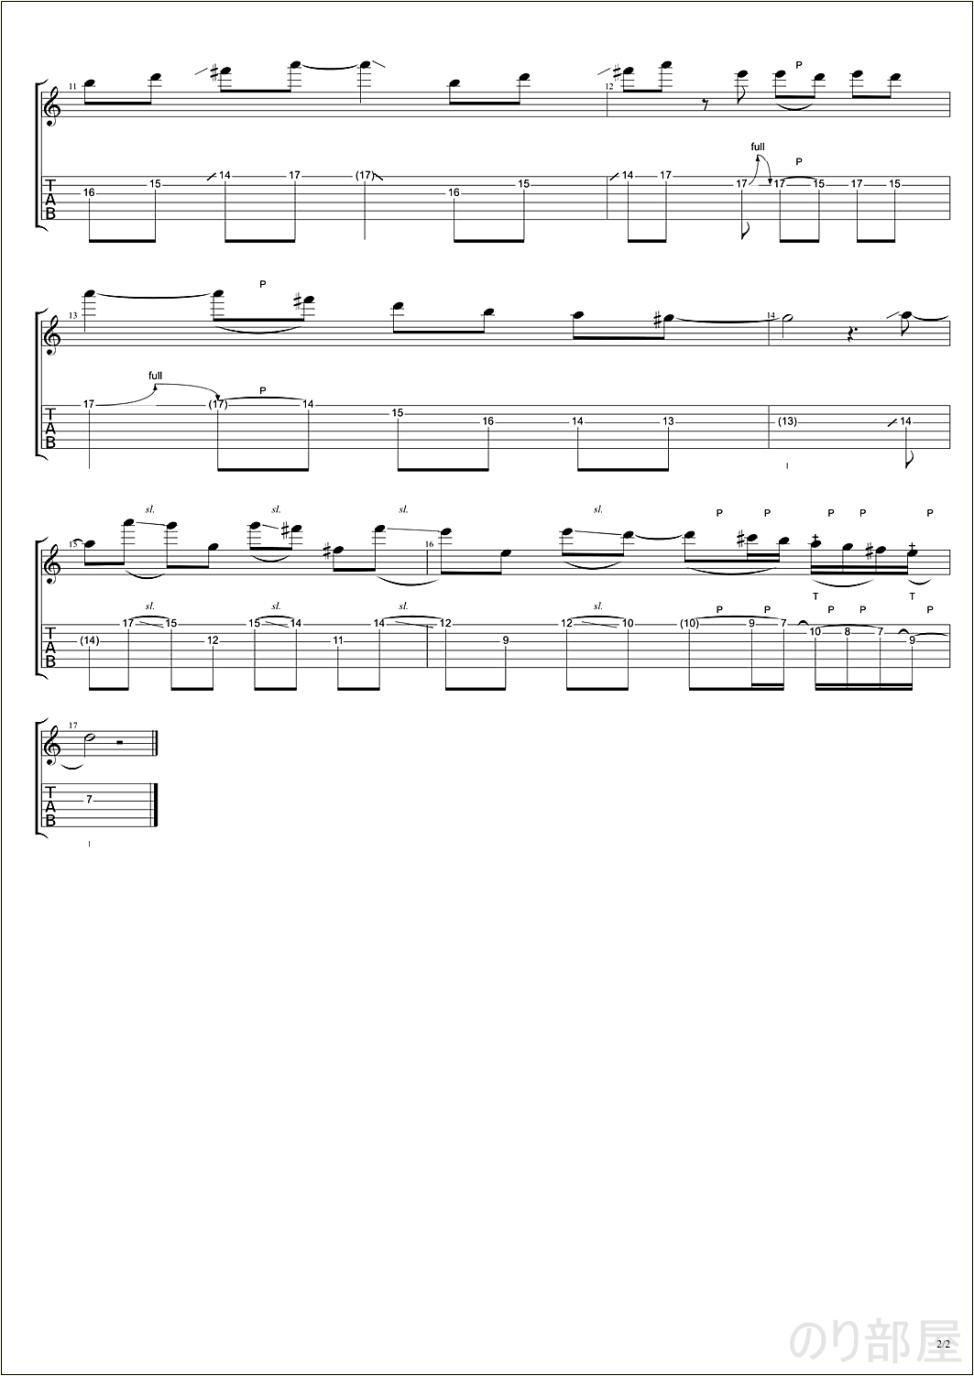 【TAB譜】 空時計 / 水樹奈々 ギターソロ 細かいノリの練習にオススメ!(渡辺格) #norinori0107